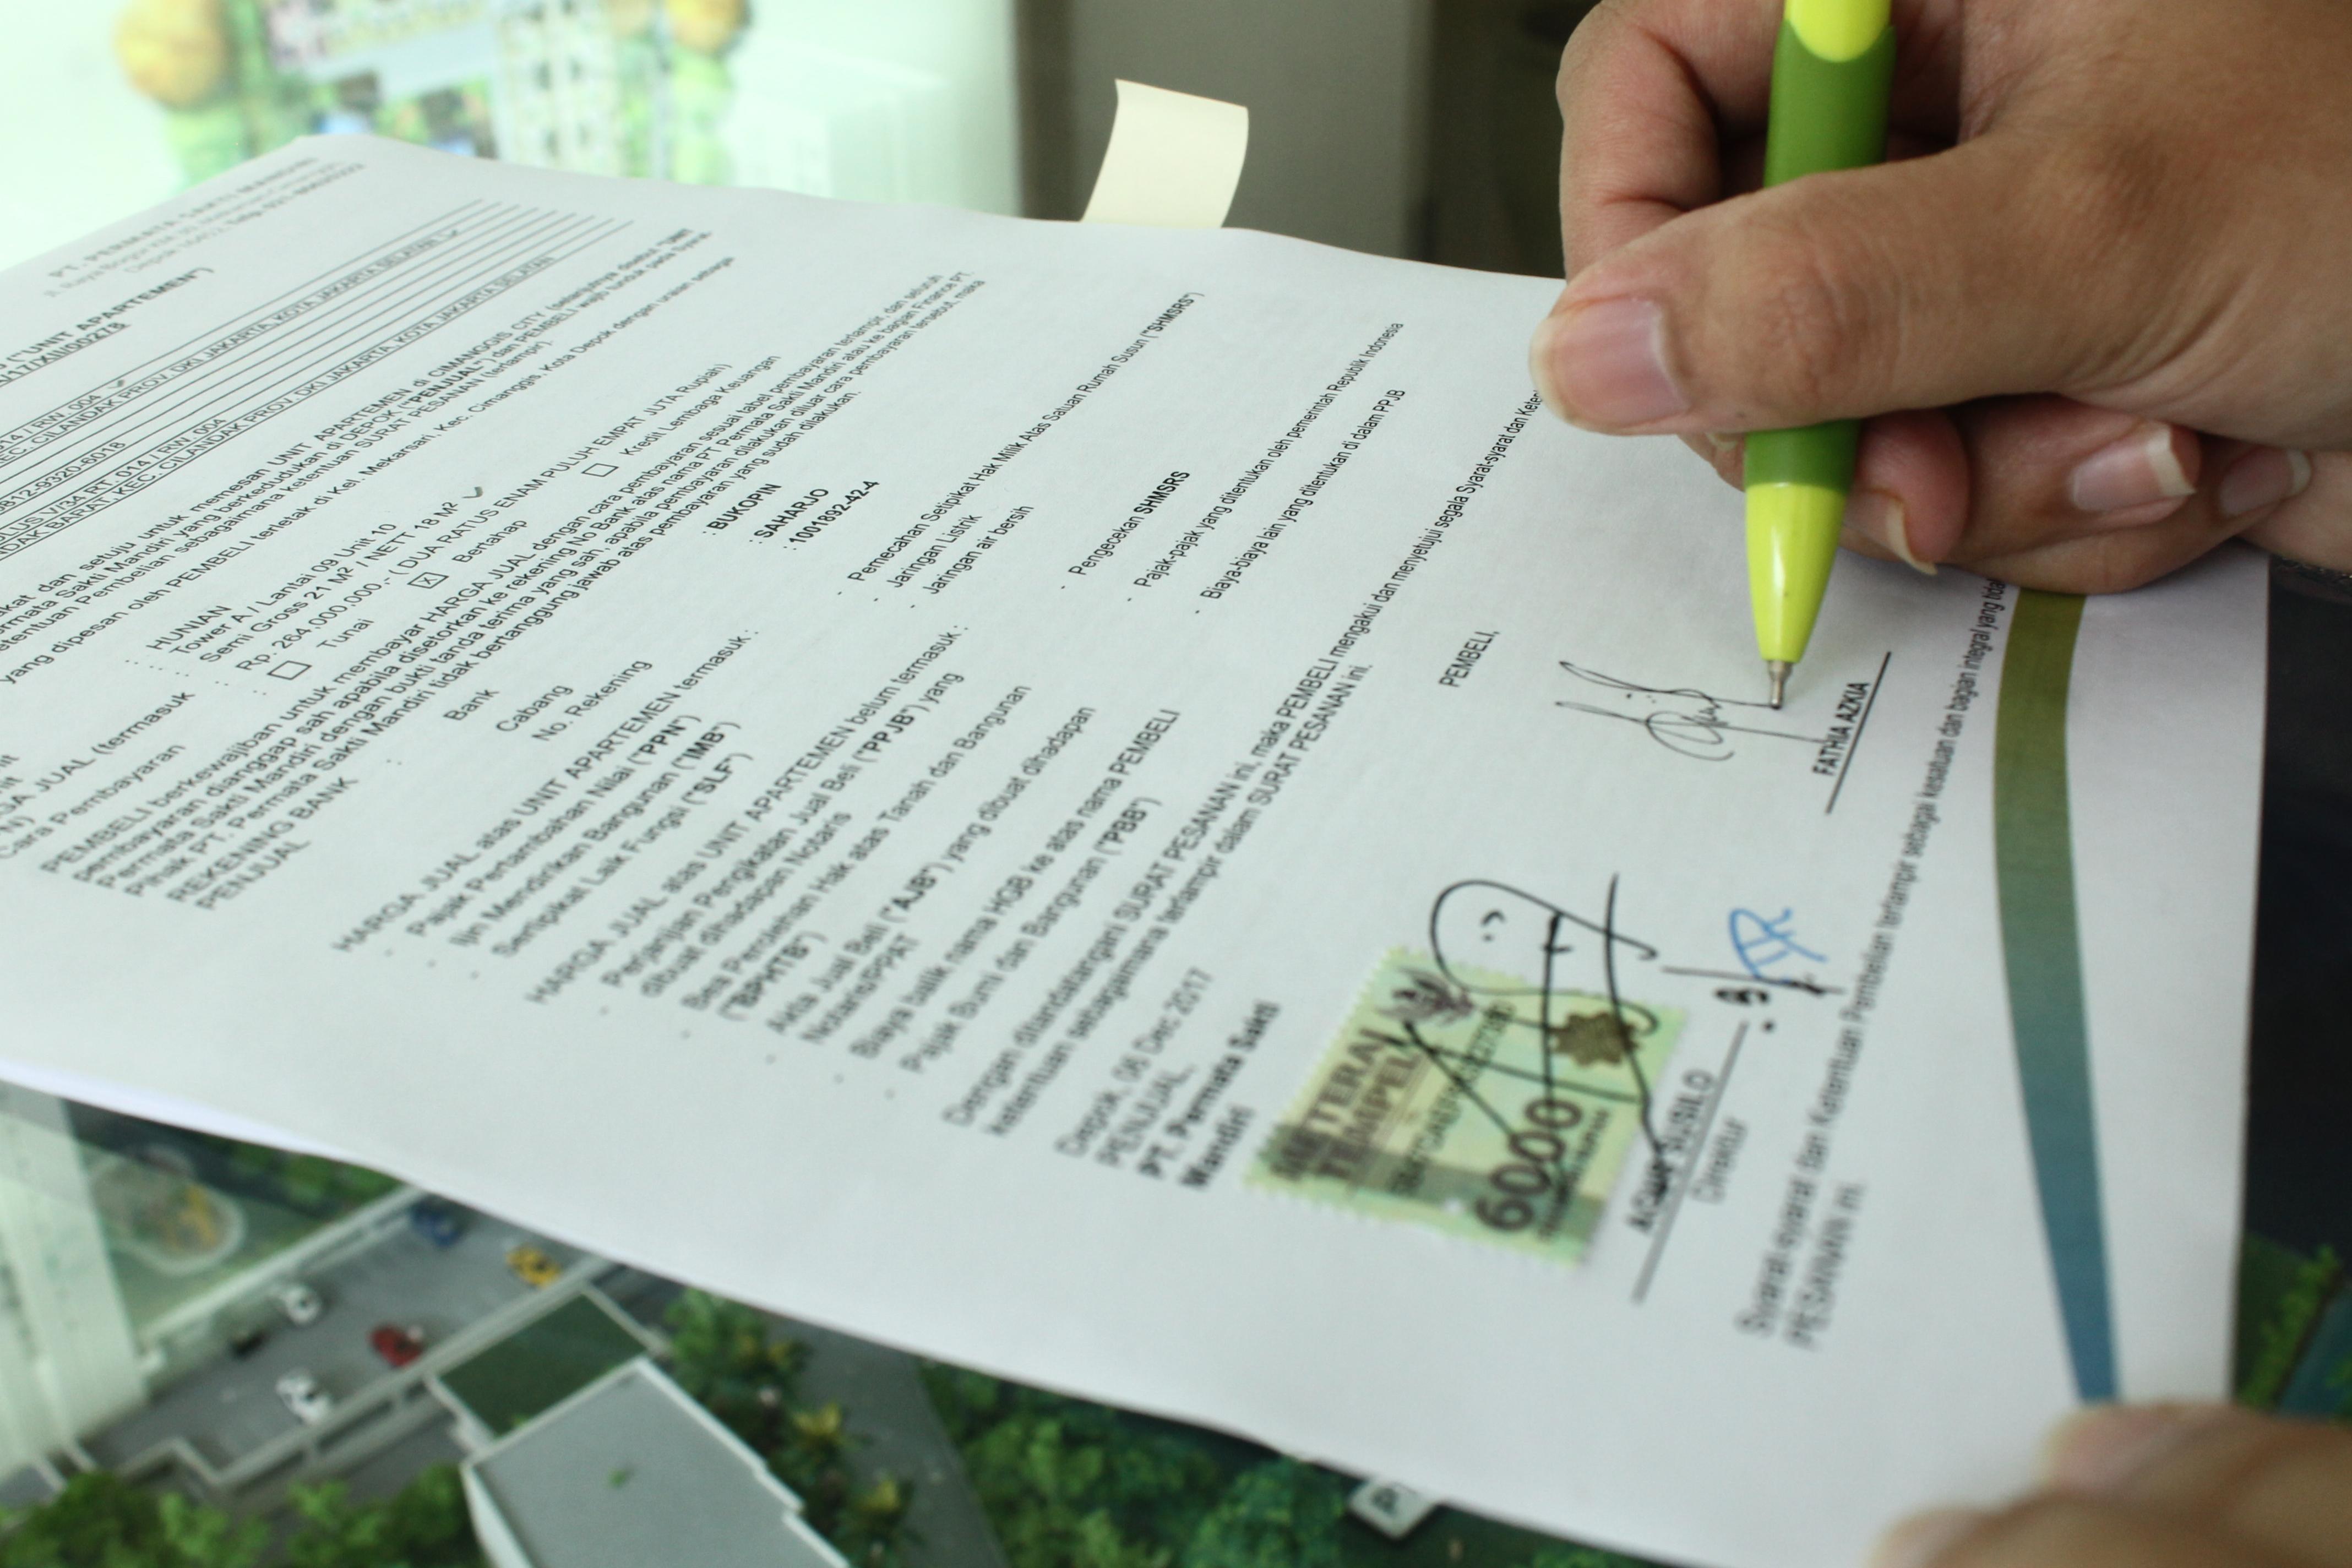 Contoh Surat Perjanjian Sewa Ruko Rumahcom